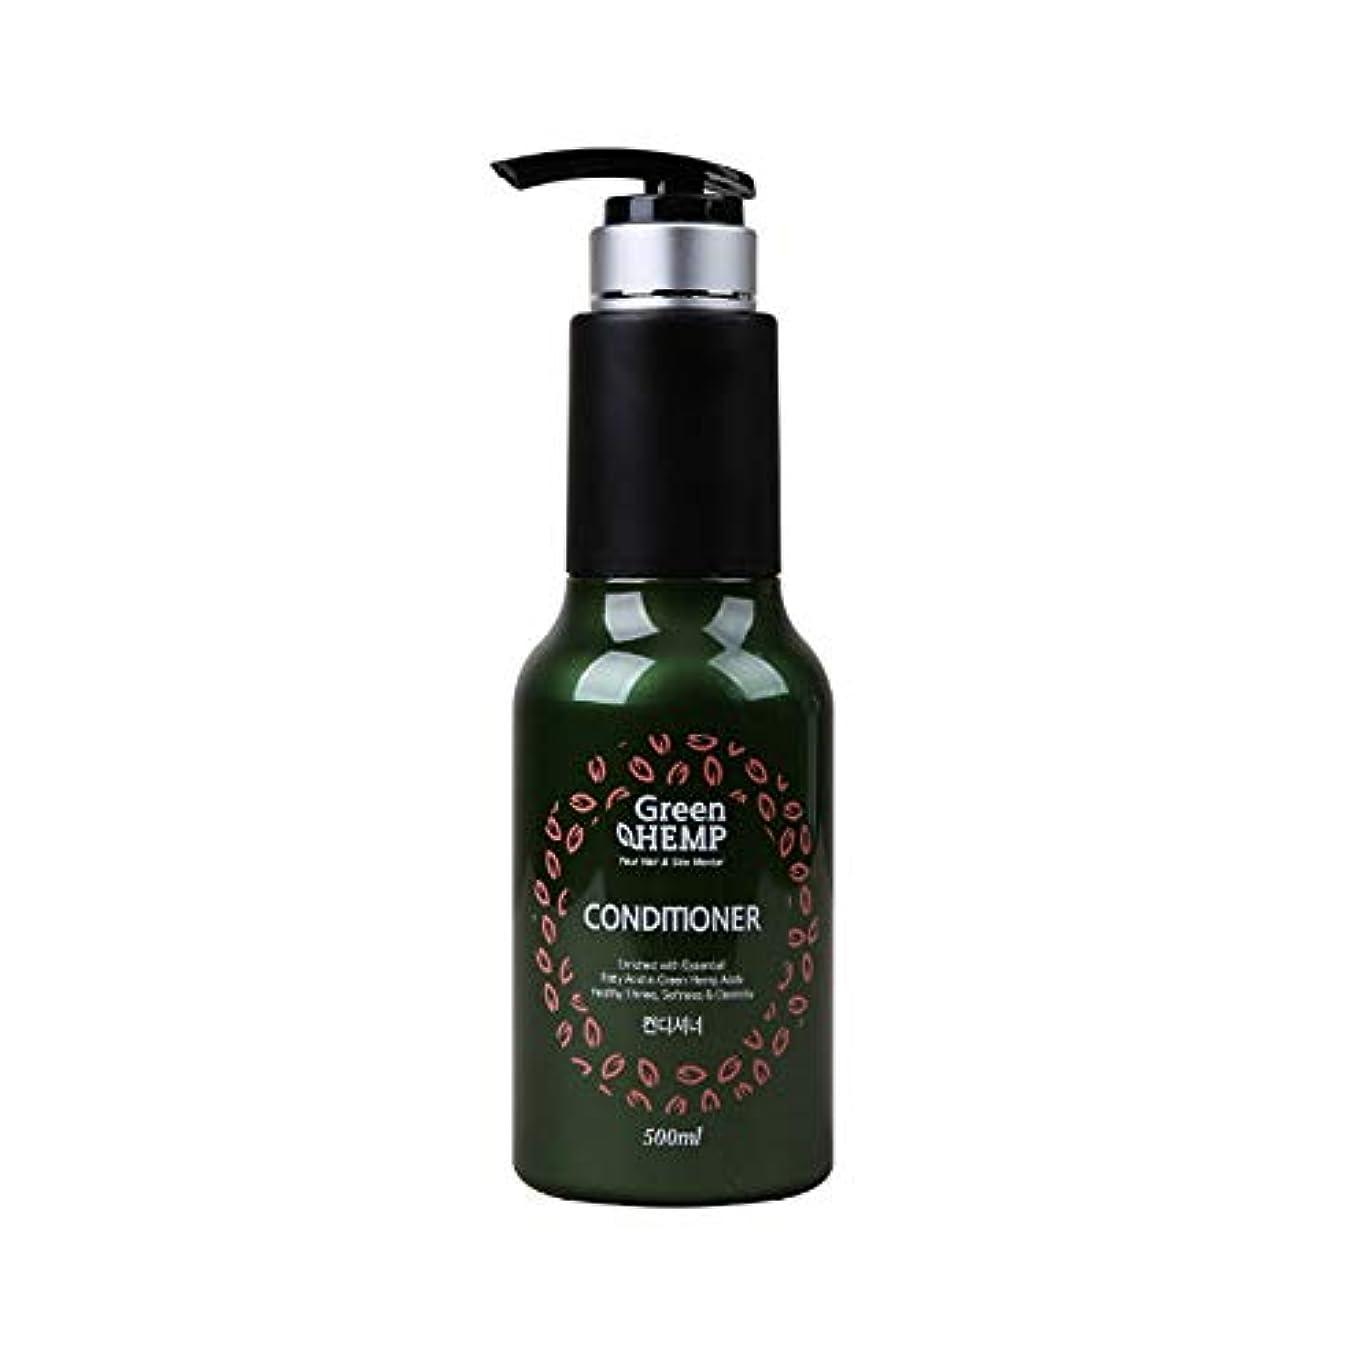 ベットキャロラインマナーChungSam グリーン ヘンプ 麻 Green hempヘア ケア コンディショナー (500ml) [並行輸入品]